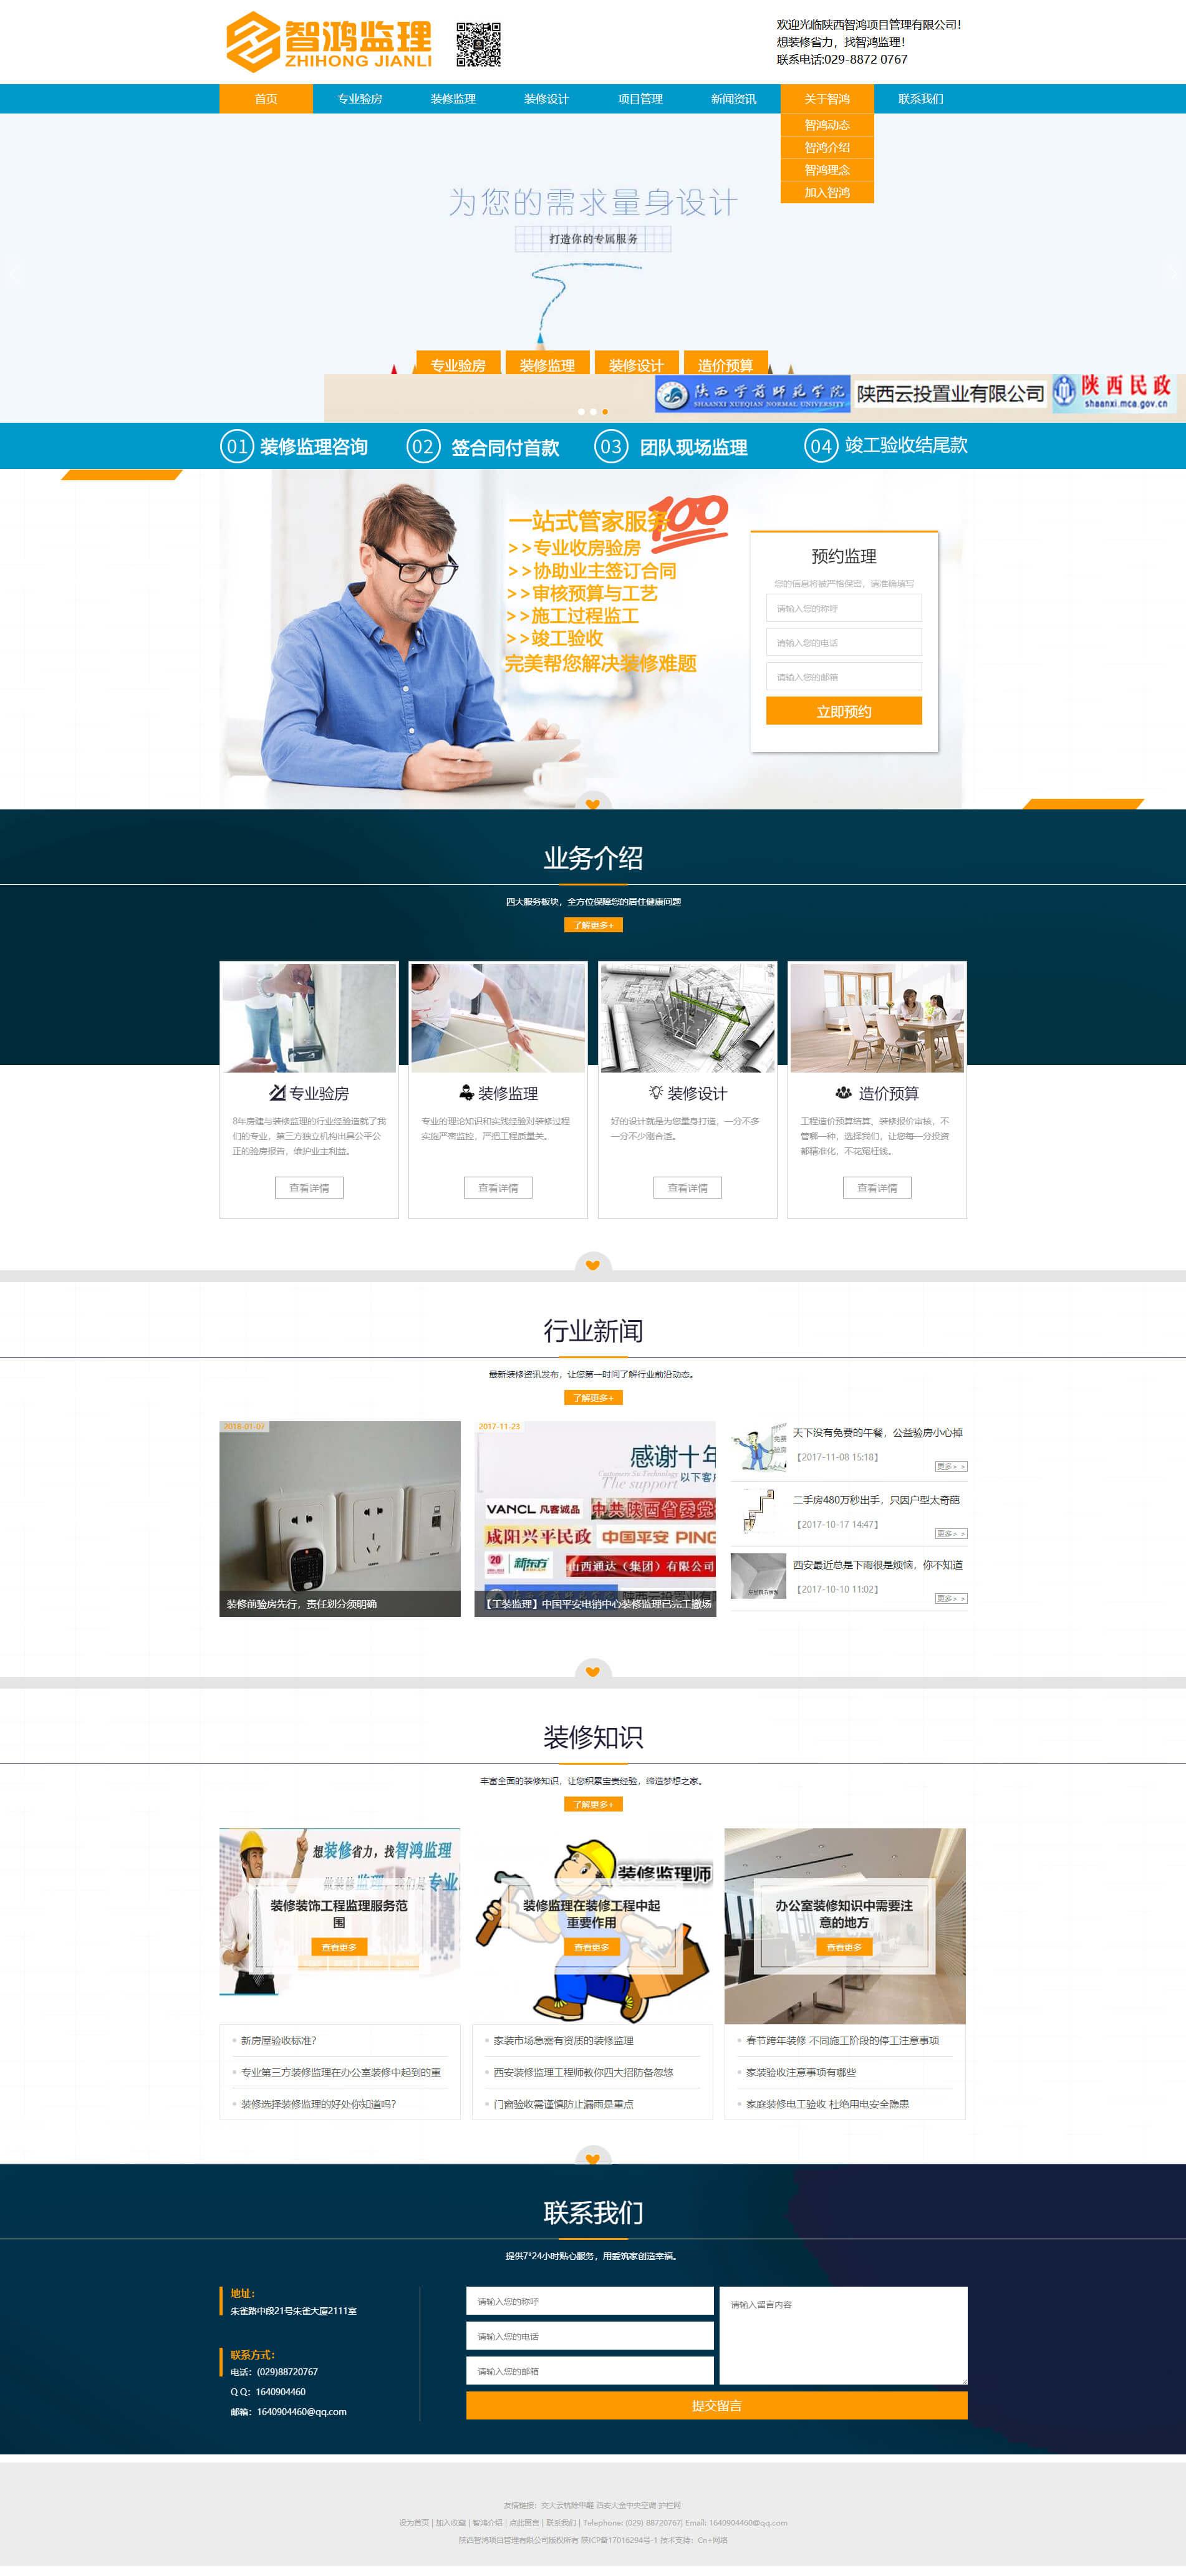 智鸿监理营销型网站建设案例截图